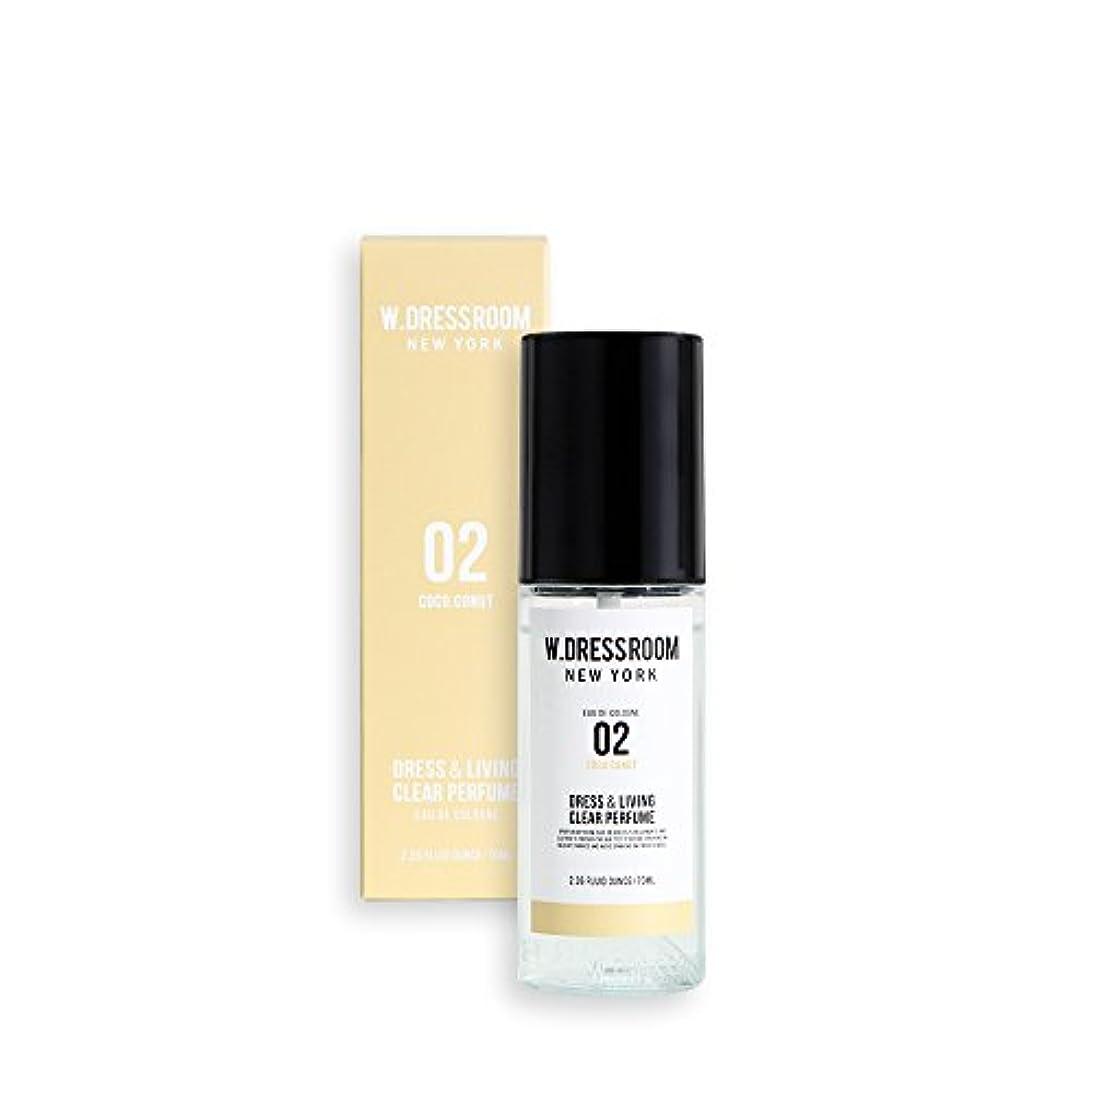 可能にするキルトマートW.DRESSROOM Dress & Living Clear Perfume 70ml/ダブルドレスルーム ドレス&リビング クリア パフューム 70ml (#No.02 Coco Conut) [並行輸入品]